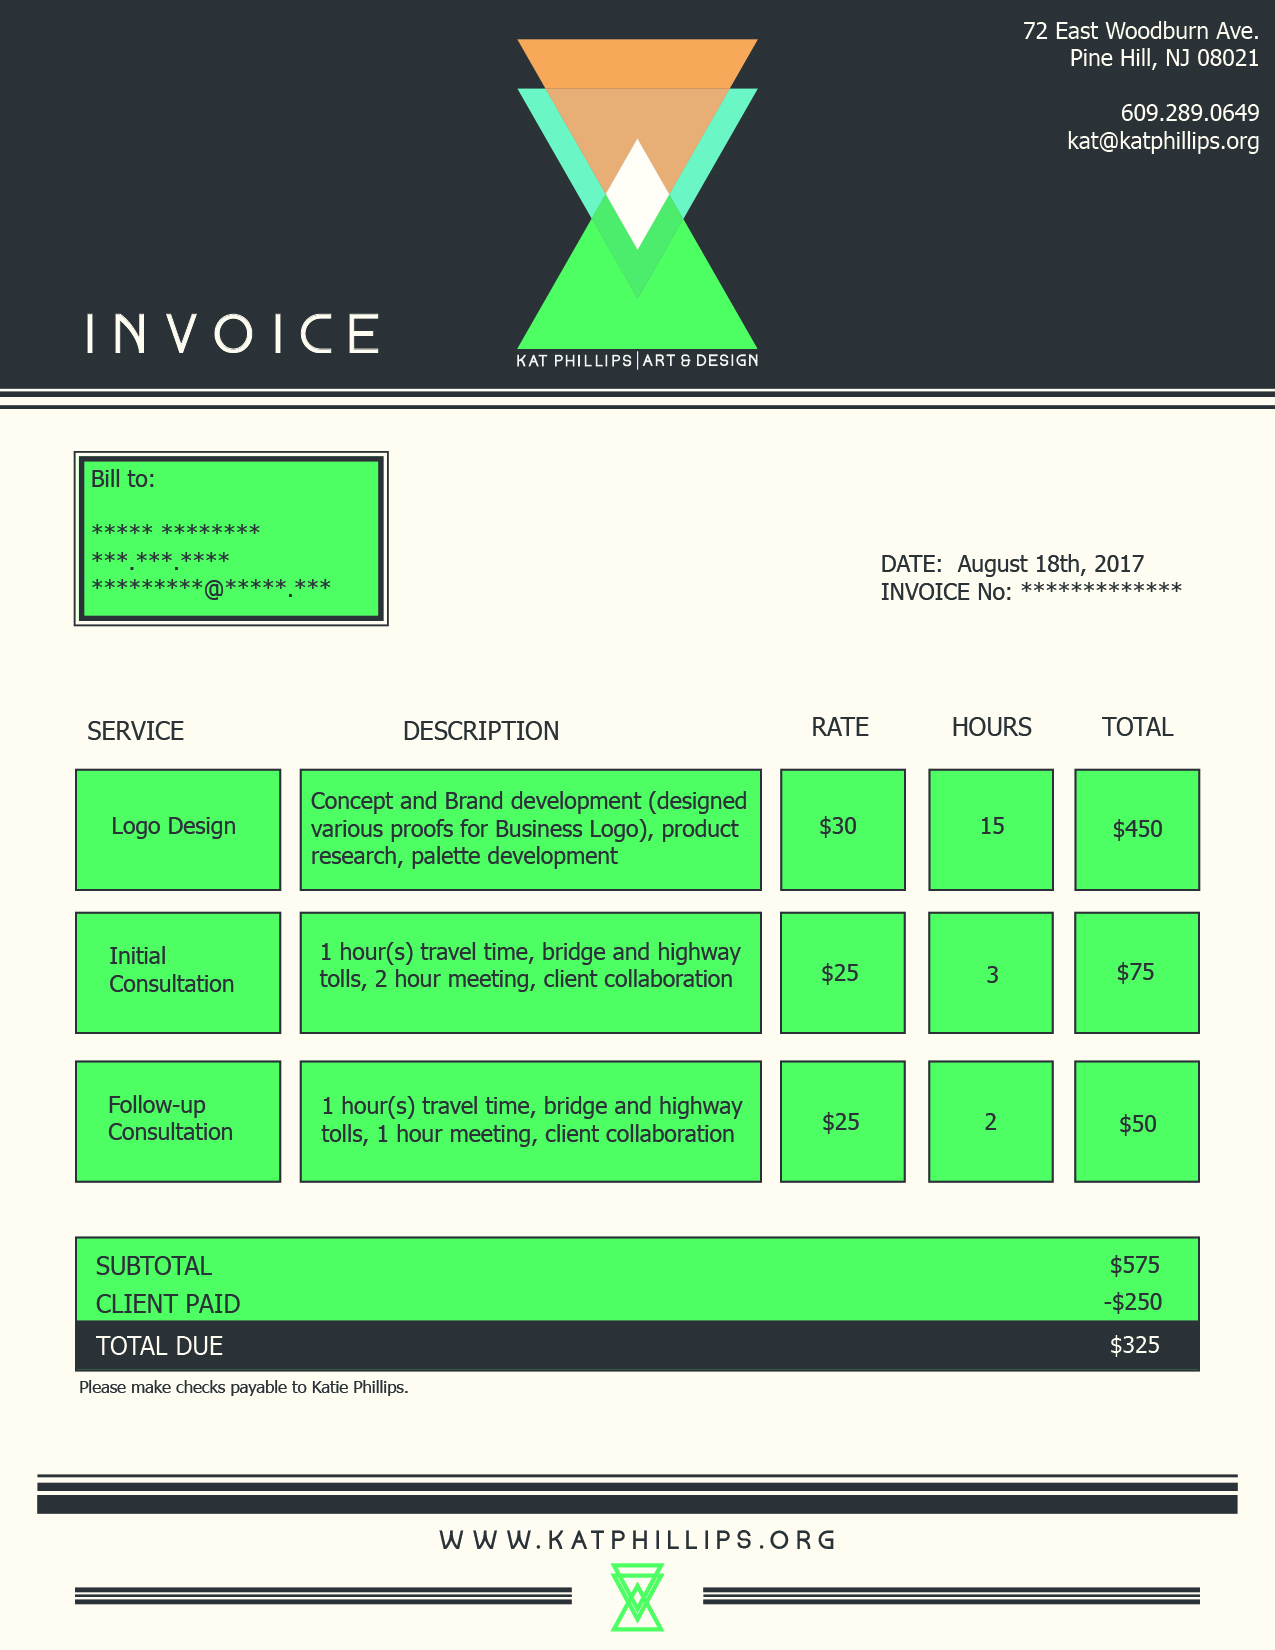 Kat Phillips Art & Design Invoice Layout